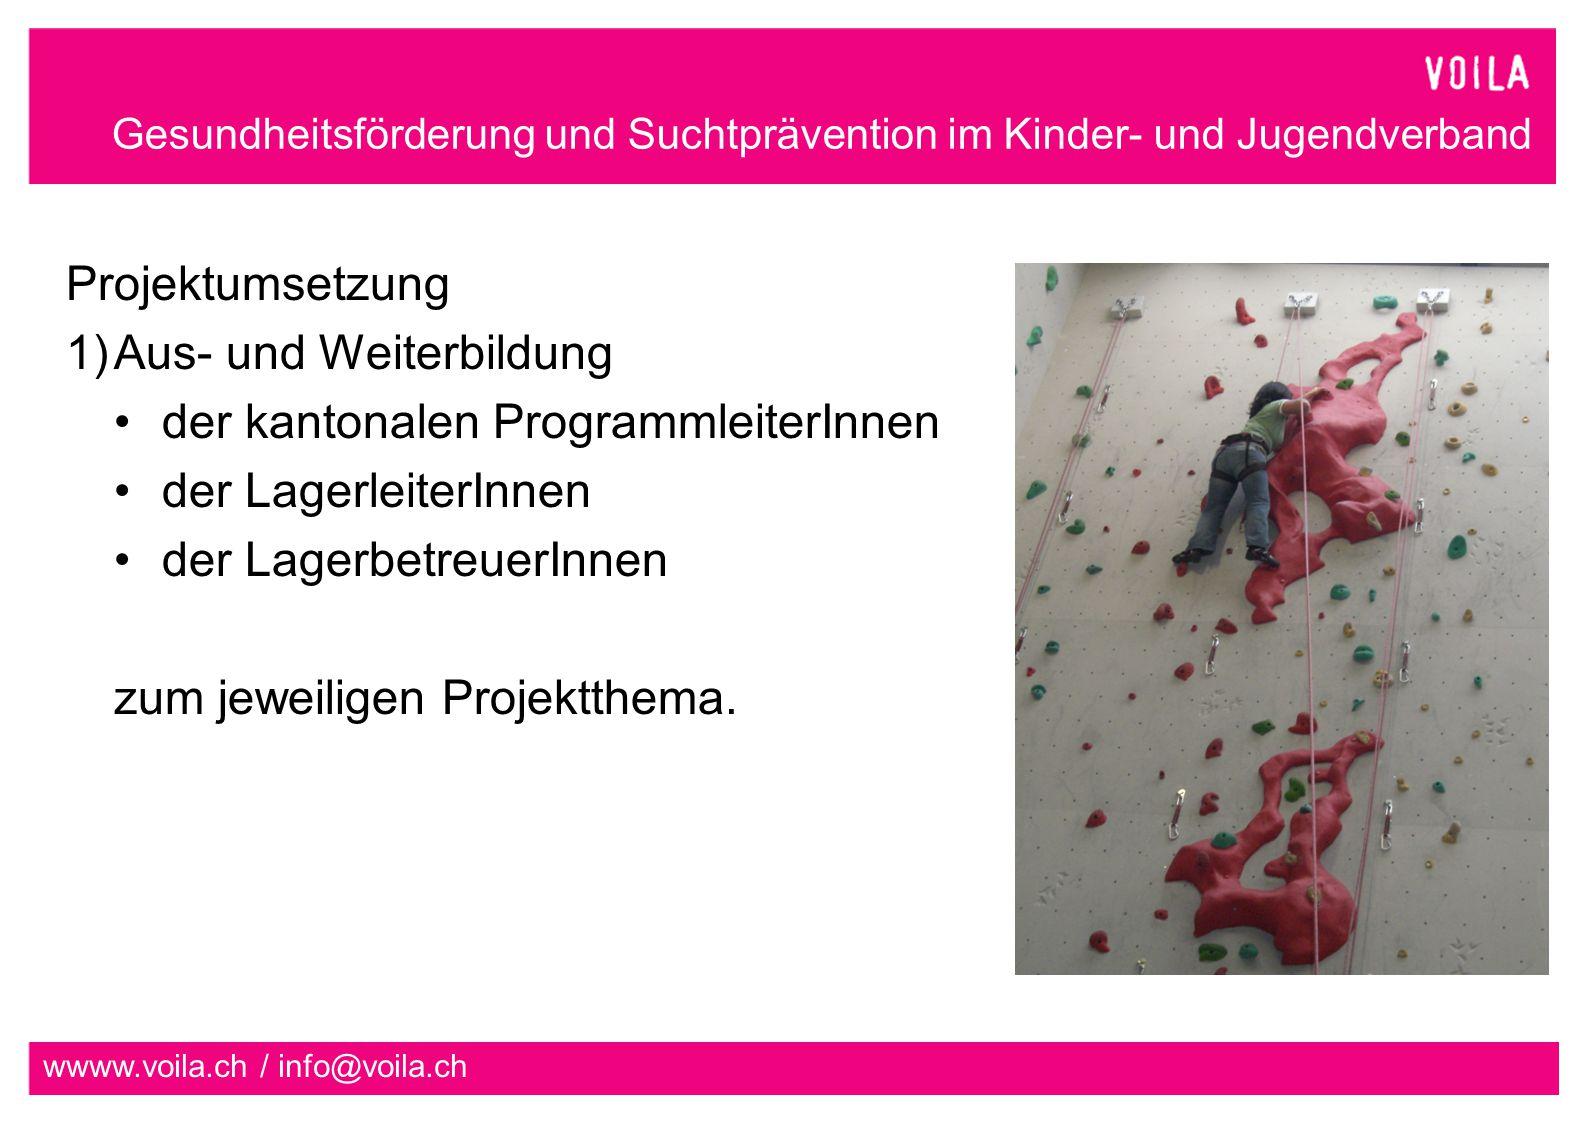 Gesundheitsförderung und Suchtprävention im Kinder- und Jugendverband wwww.voila.ch / info@voila.ch Projektumsetzung 1)Aus- und Weiterbildung der kantonalen ProgrammleiterInnen der LagerleiterInnen der LagerbetreuerInnen zum jeweiligen Projektthema.